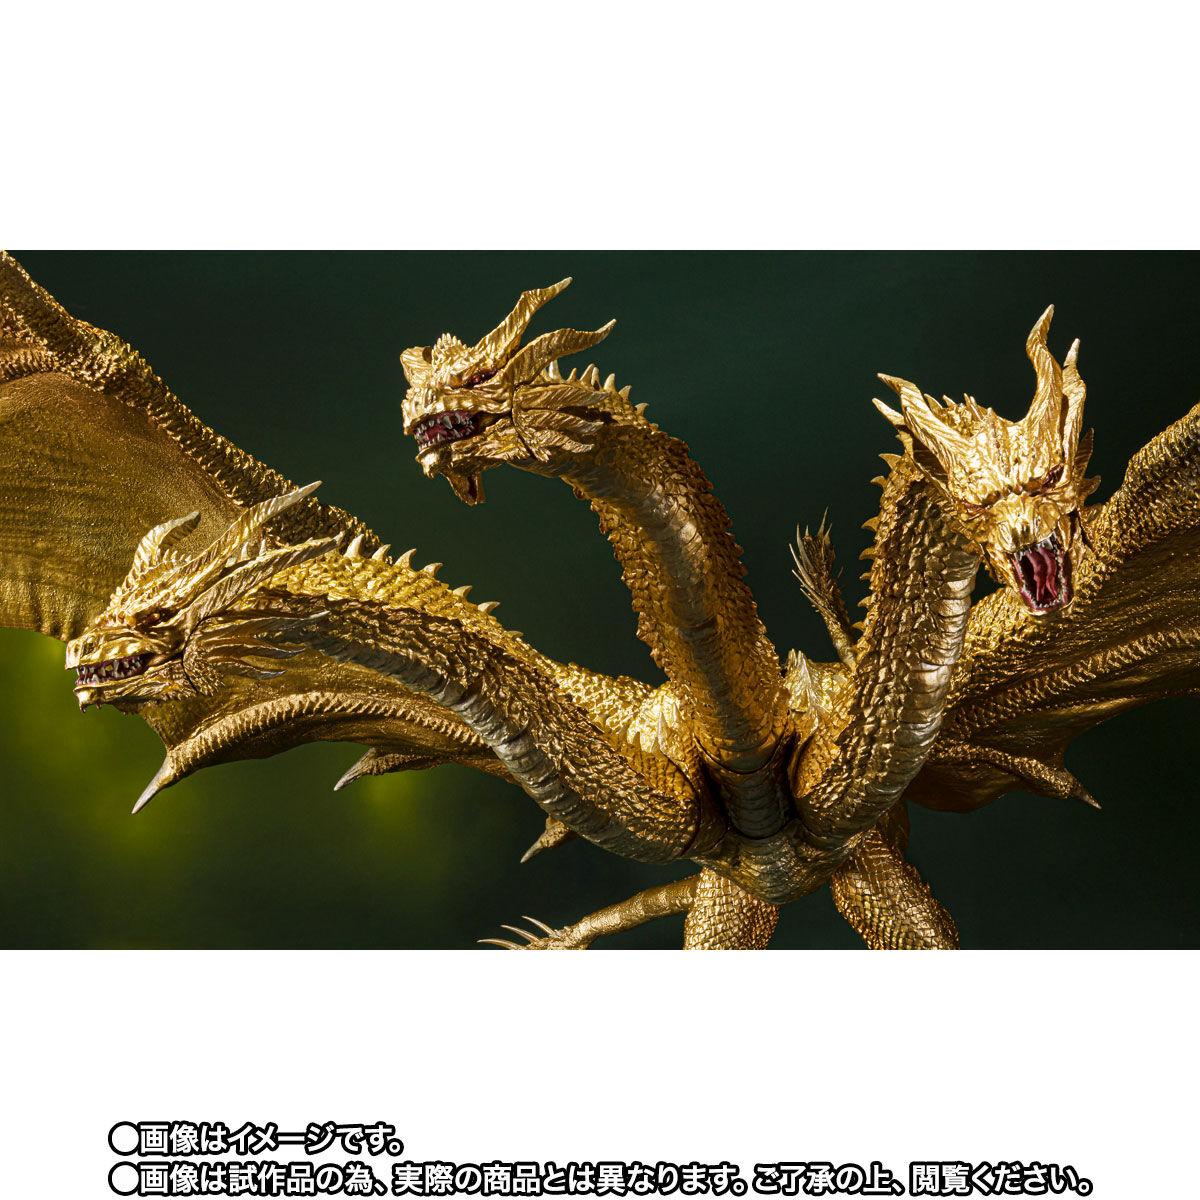 【限定販売】S.H.MonsterArts『キングギドラ(2019)Special Color Ver.』ゴジラ キング・オブ・モンスターズ 可動フィギュア-006